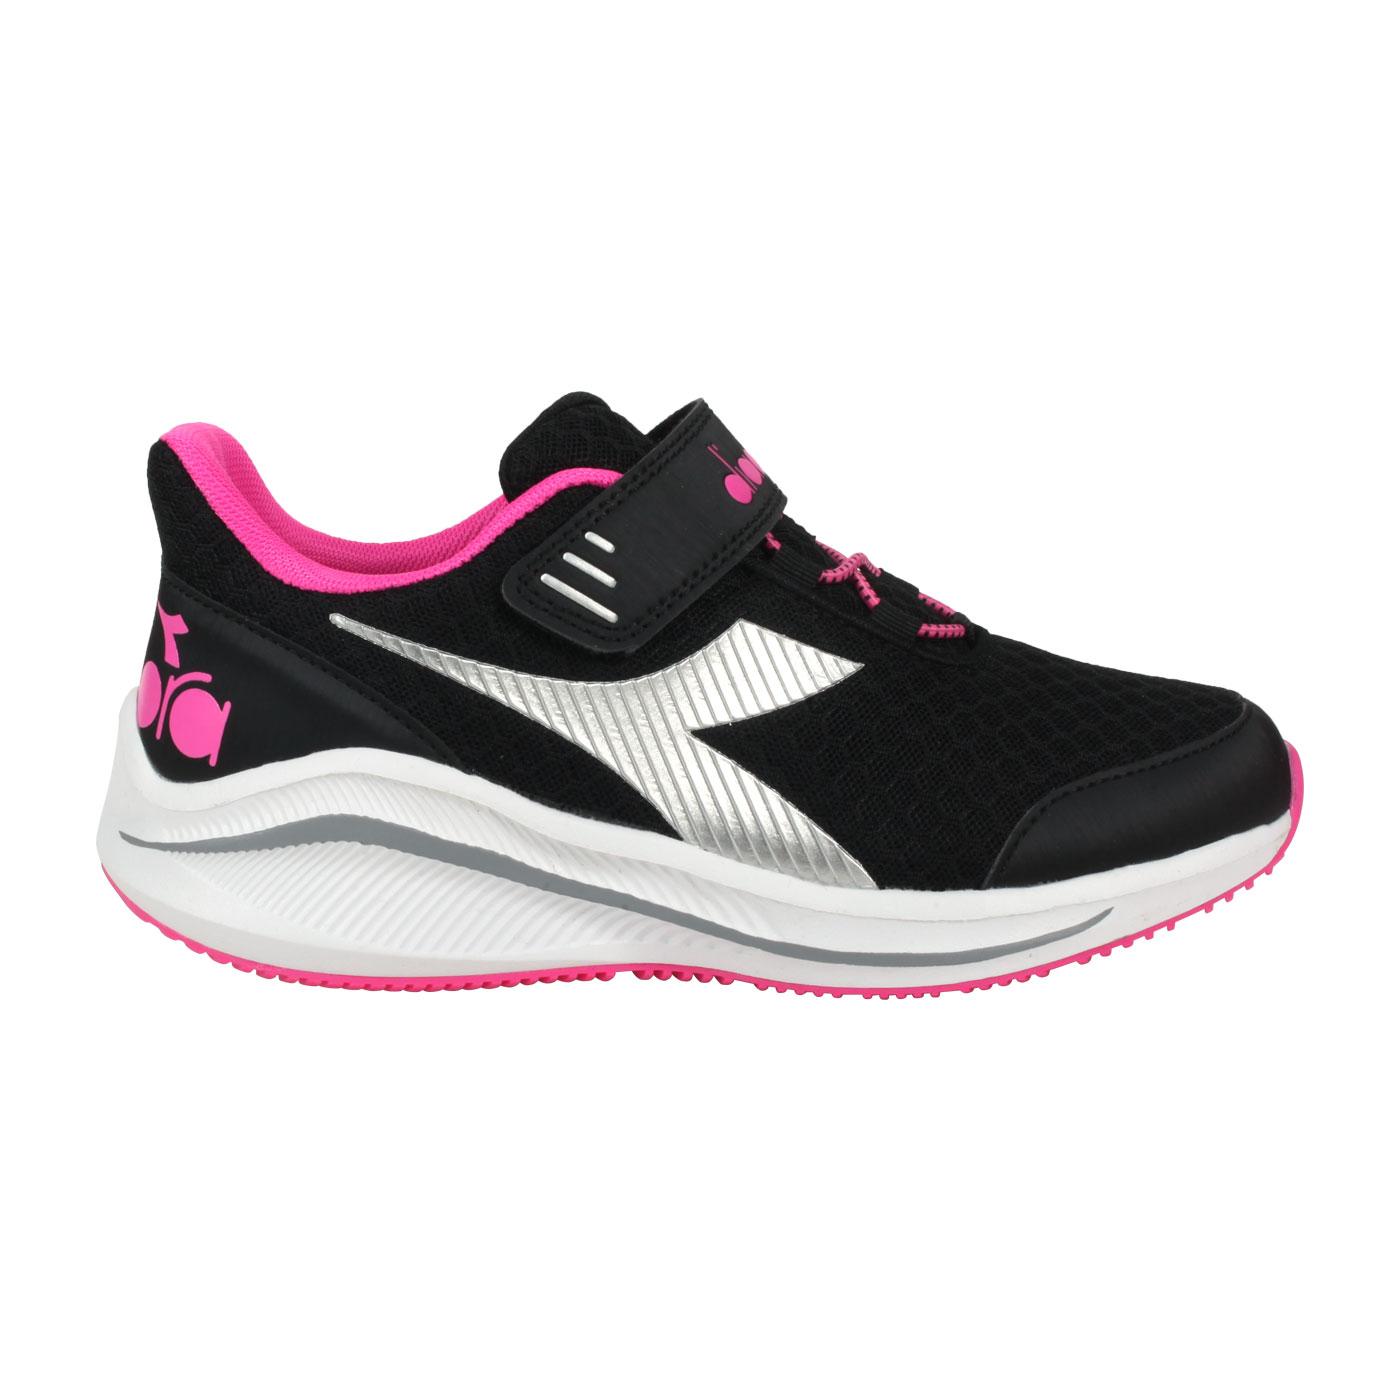 DIADORA 大童專業慢跑鞋-超寬楦 DA11019 - 黑桃紅銀